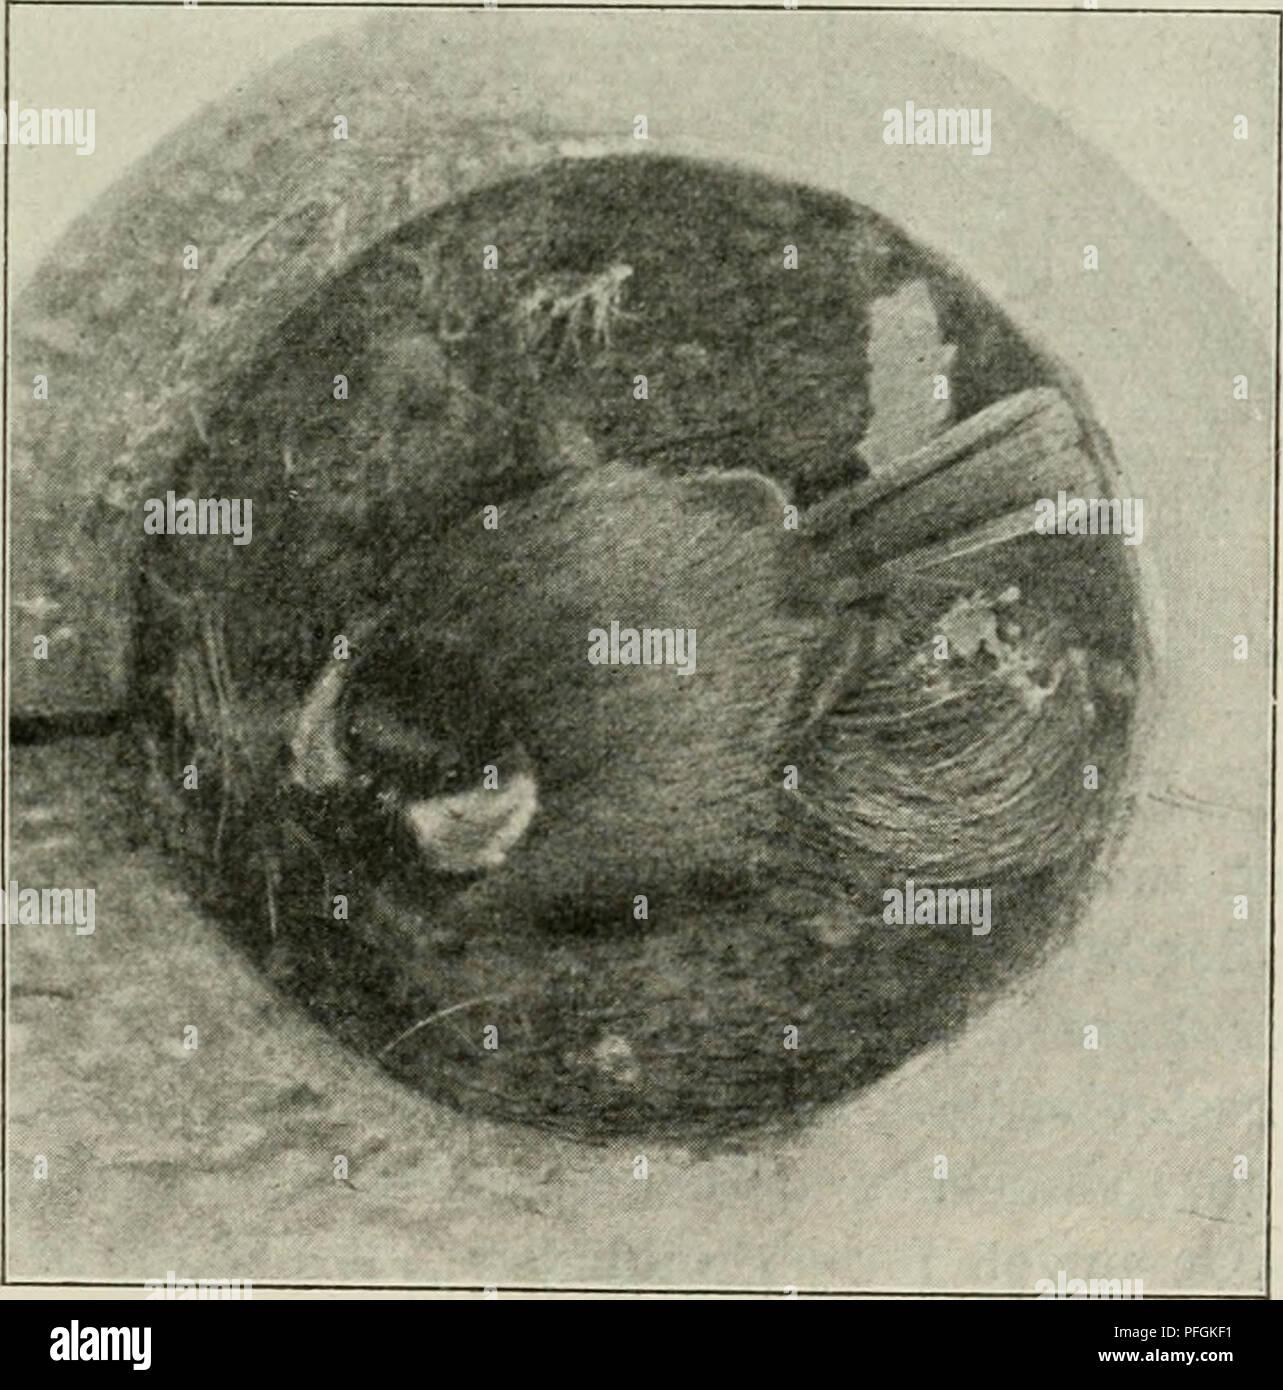 . Dansk ornithologisk forenings tidsskrift. Birds -- Periodicals; Birds -- Denmark Periodicals. Fig. 59. Musvitrede i Bunden af Kassen i Fig. 58. Fig. GO. Musvit paa Rede. hakkede i Smørret, der stod foran mig; ogsaa ind i de andre Stuer fløj den, ovenpaa i Soveværelset og ind i Verandaen; her- inde, hvor der var fuldt af grønne Planter, kunde den dog kun. Please note that these images are extracted from scanned page images that may have been digitally enhanced for readability - coloration and appearance of these illustrations may not perfectly resemble the original work.. Dansk ornitologisk f - Stock Image